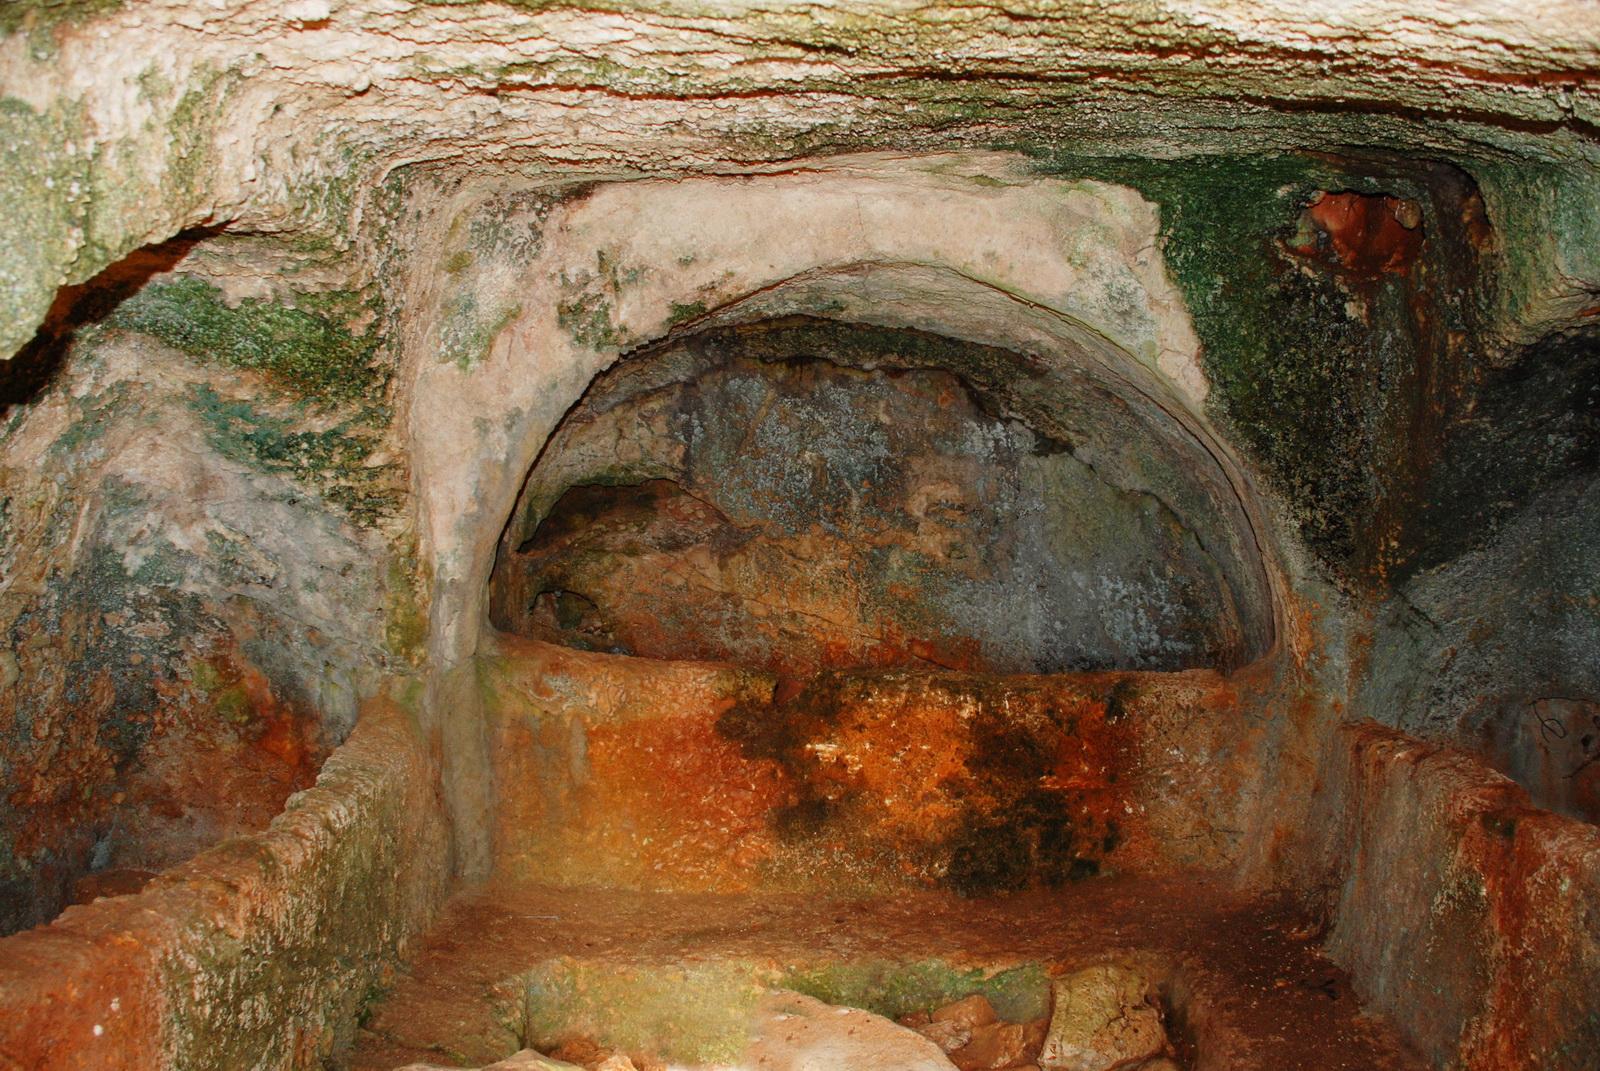 מערות אליקים - פנים אחת המערות עם שלוש 'מיטות' קבורה